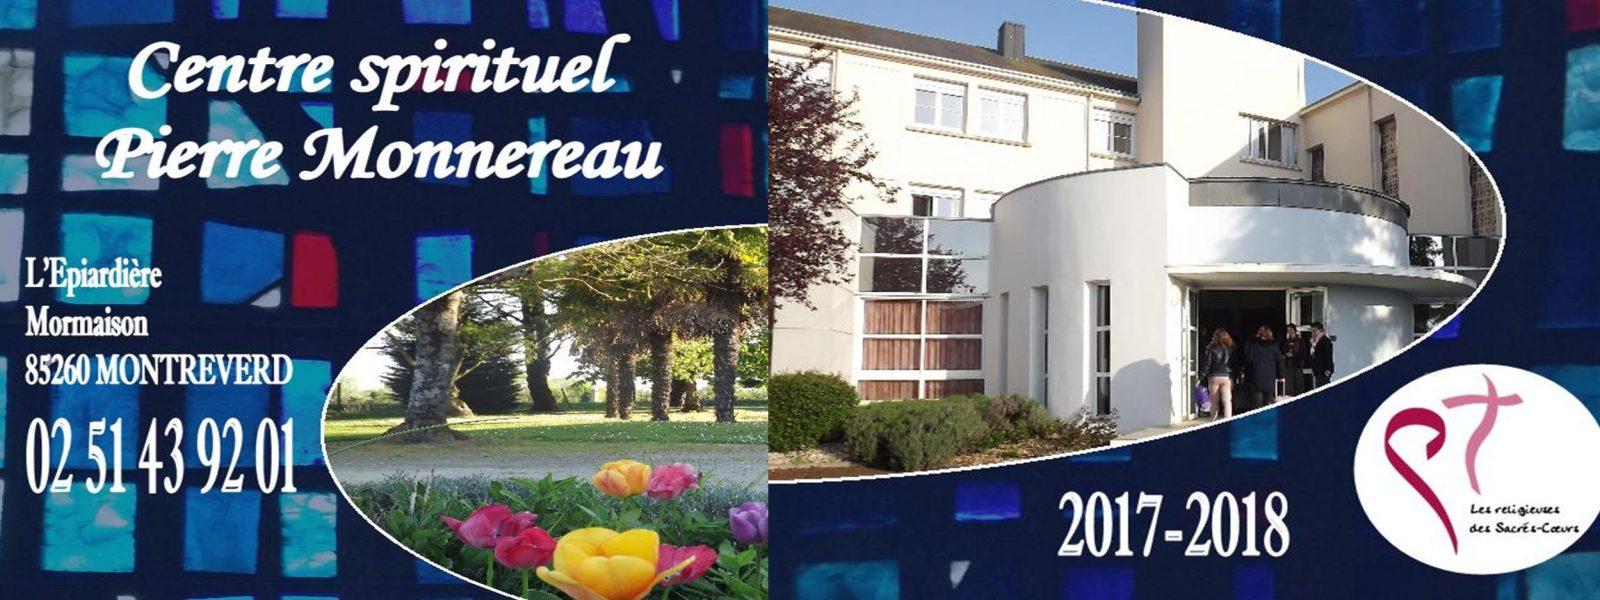 Une nouvelle année pleine de propositions au Centre Spirituel Pierre Monnereau